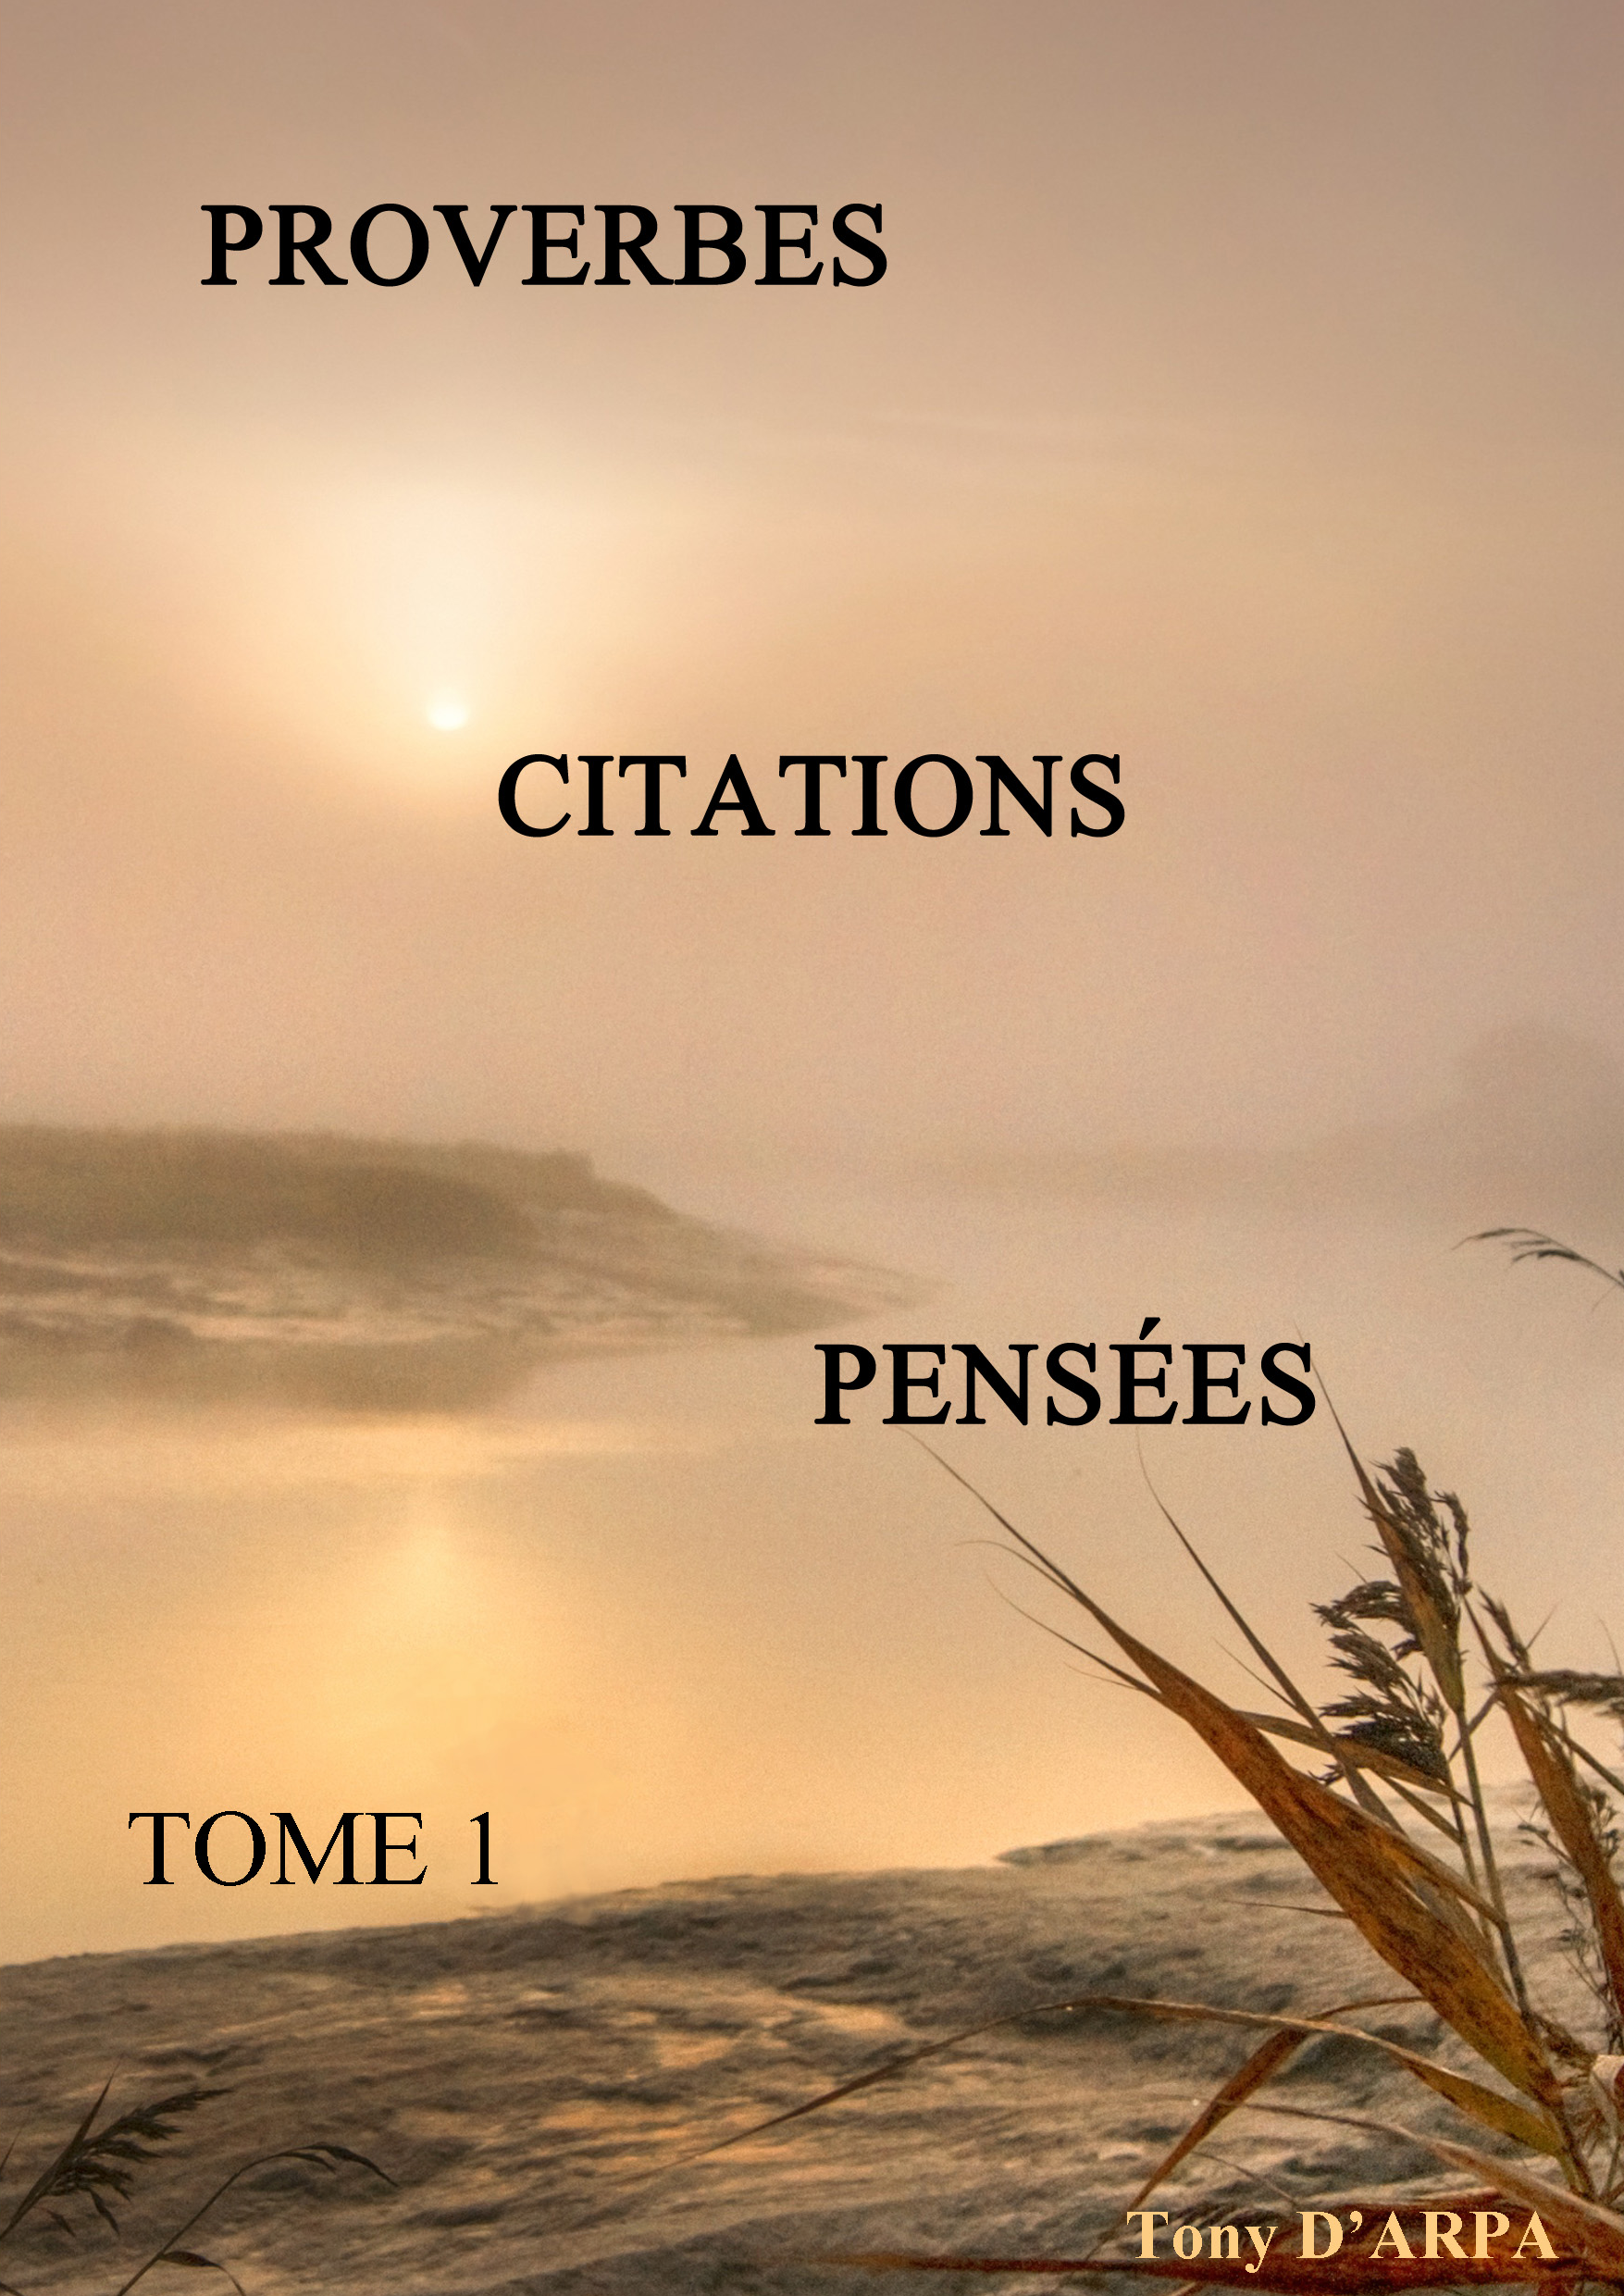 Proverbes, Citations, Pensées TOME 1